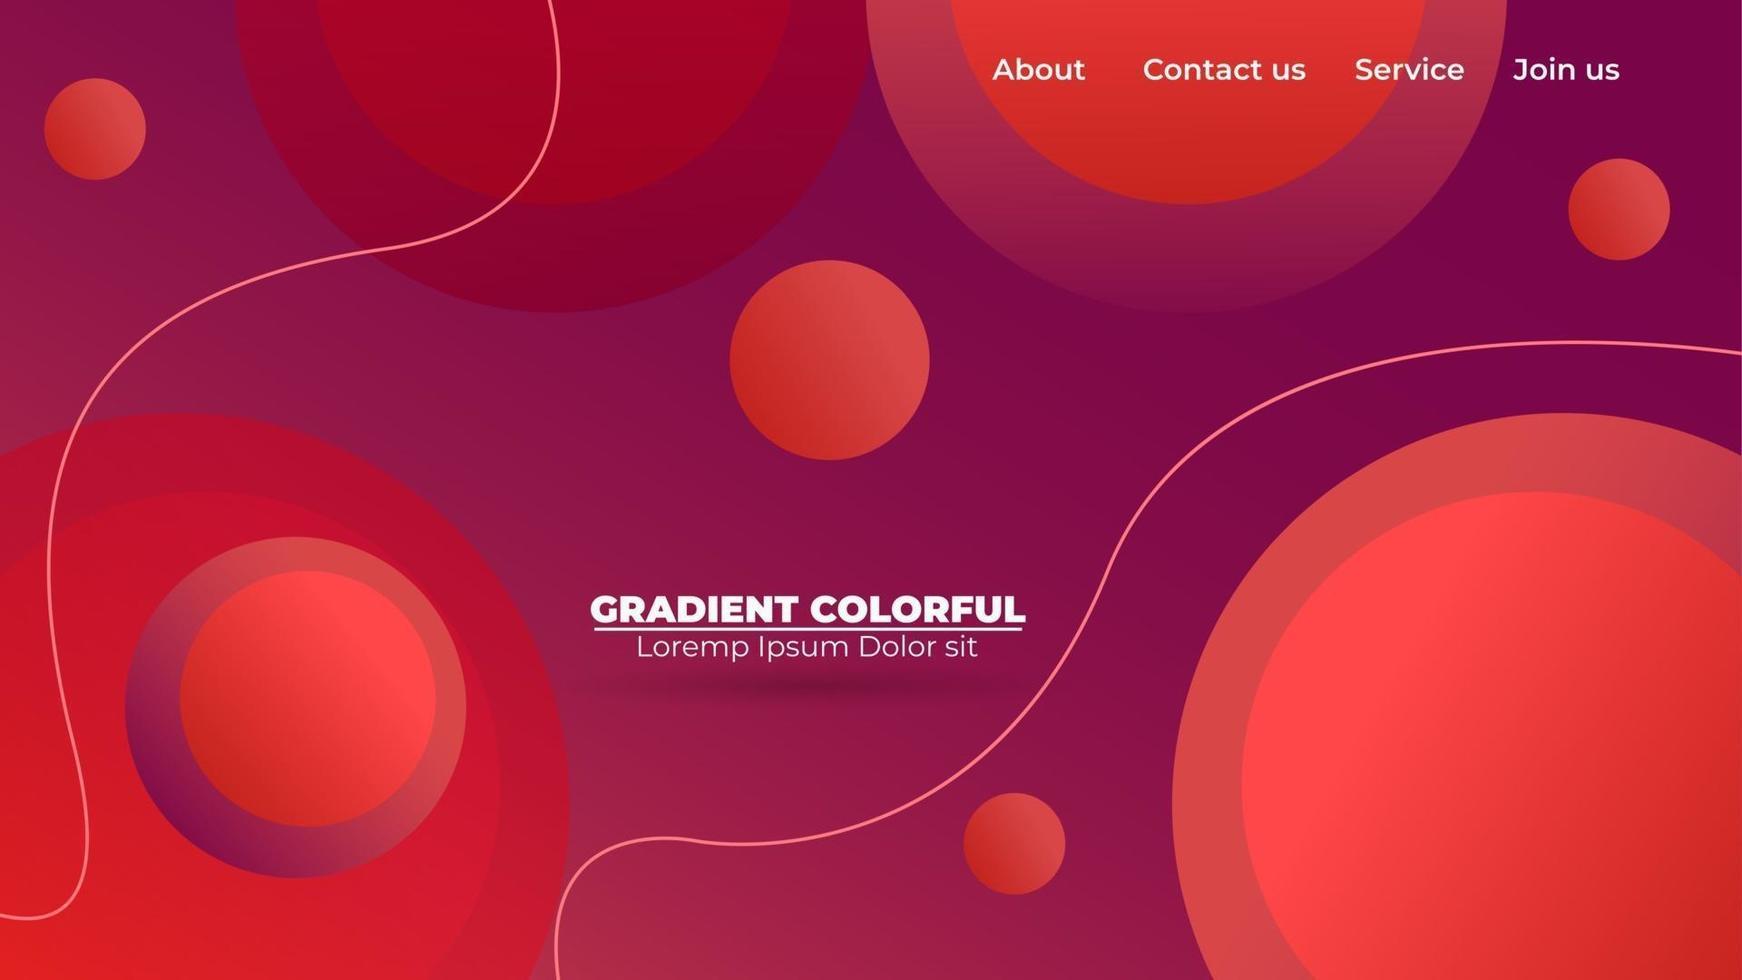 sfondo geometrico ondulato gradiente astratto moderno. adatto per carta da parati, banner, sfondo, carta, illustrazione di libri, pagina di destinazione, regalo, copertina, volantino, rapporto, affari, social media vettore